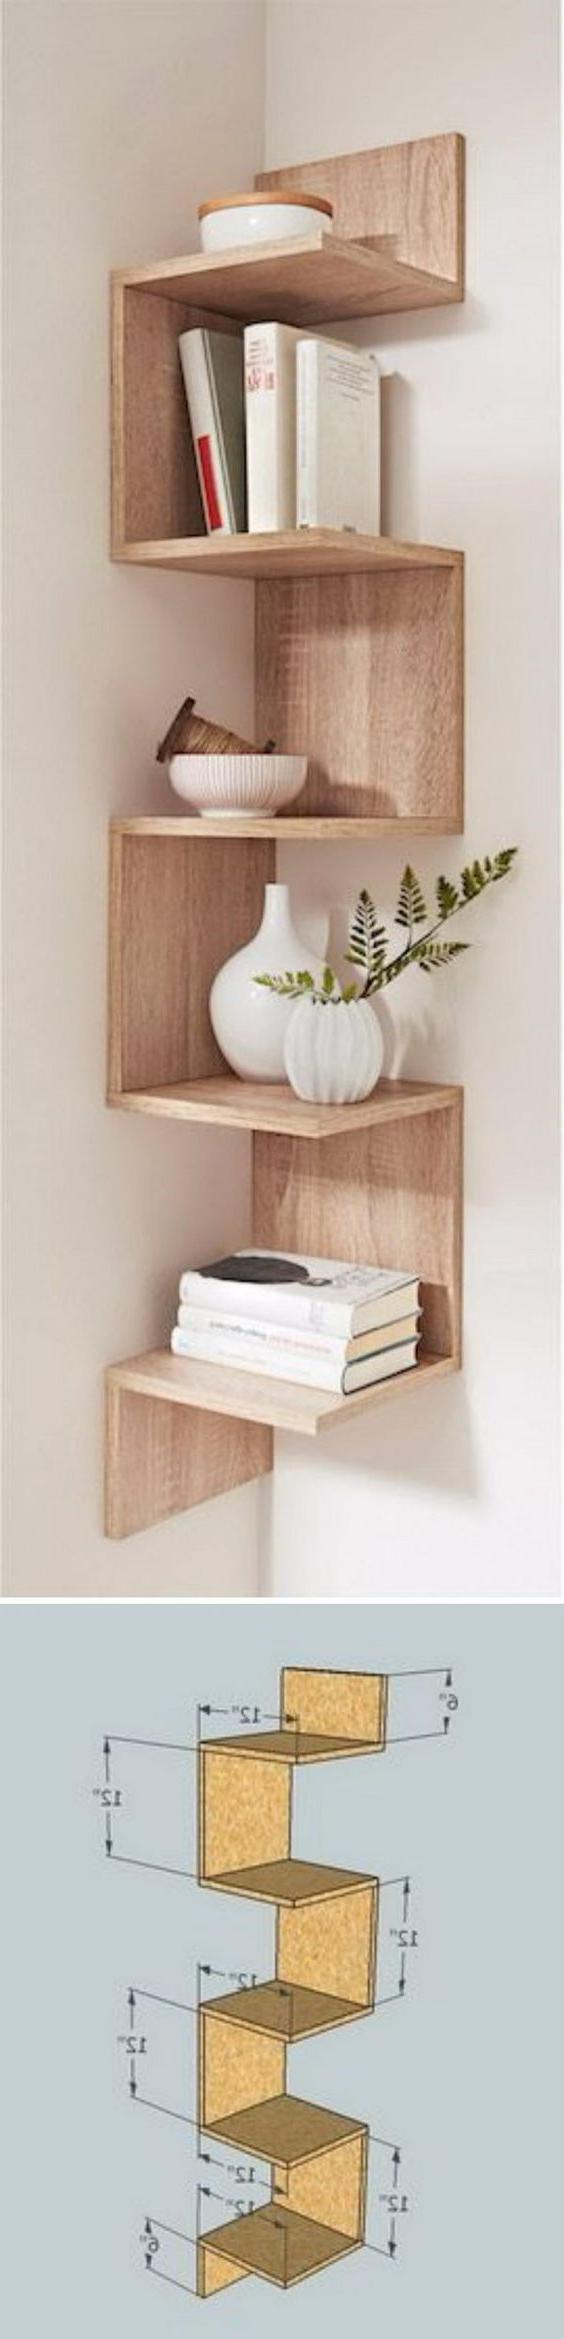 564x2339 Best 15 Cool Bookshelves Bookshelf Ideas Drawing